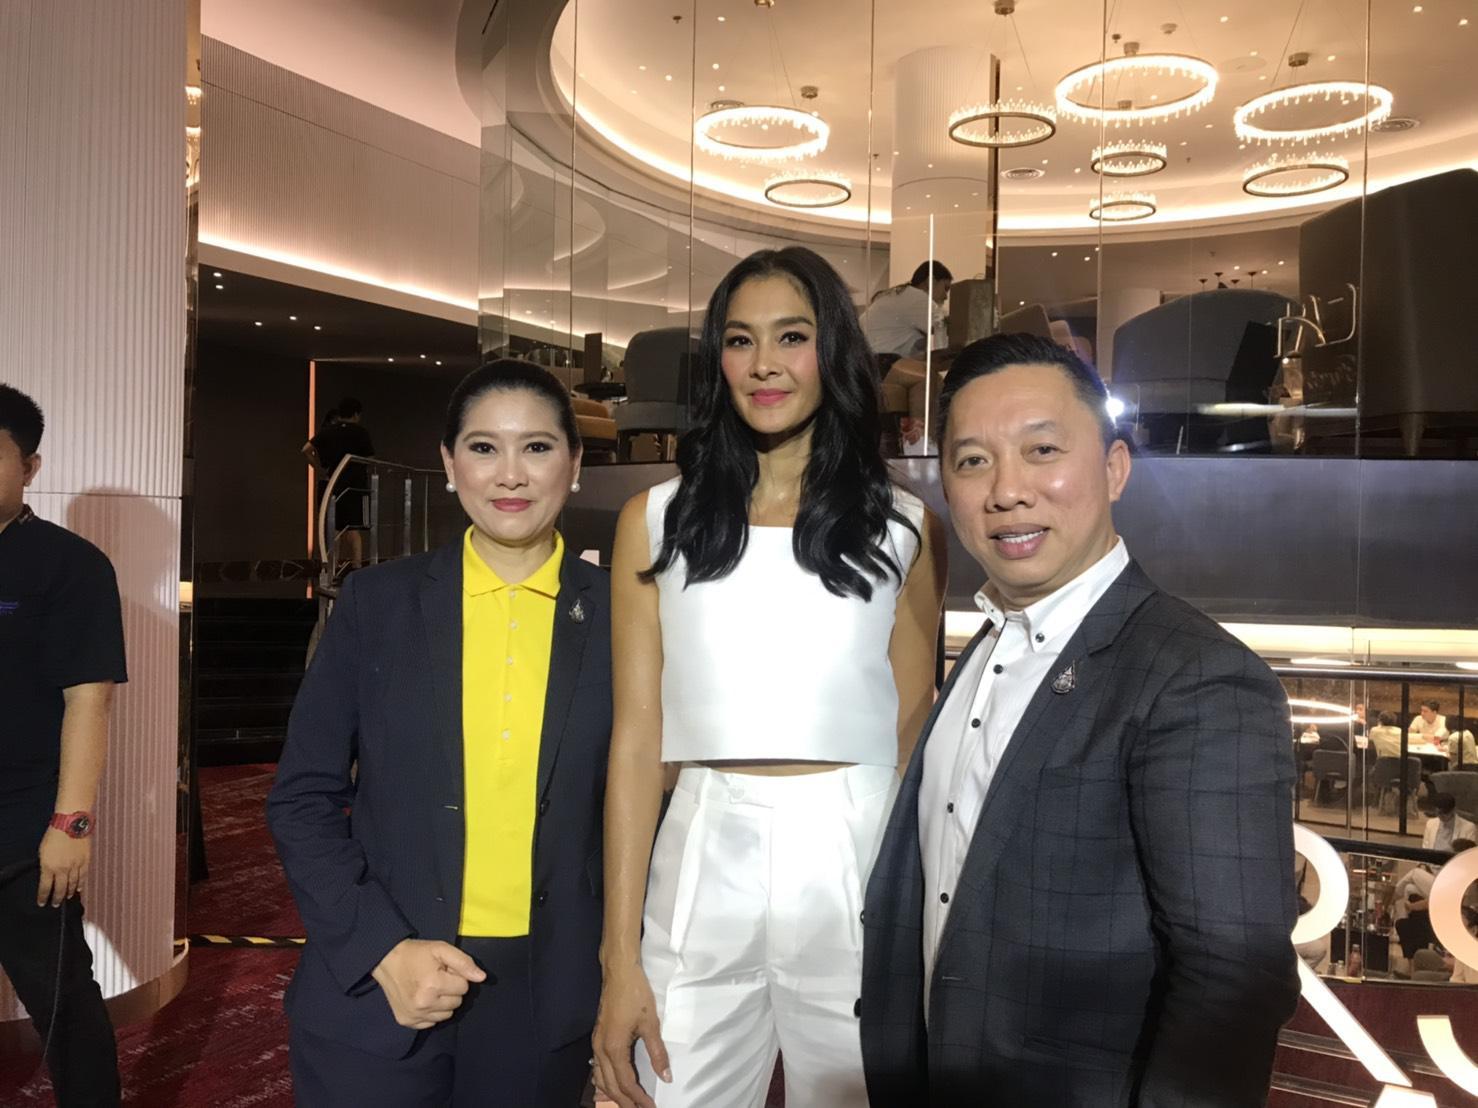 """Miss Universe Thailand ดึง """"ลูกเกด"""" เสริมทัพ ตั้งเป้าคว้ามิสยูนิเวิร์สคนที่ 3 ให้ประเทศไทย"""